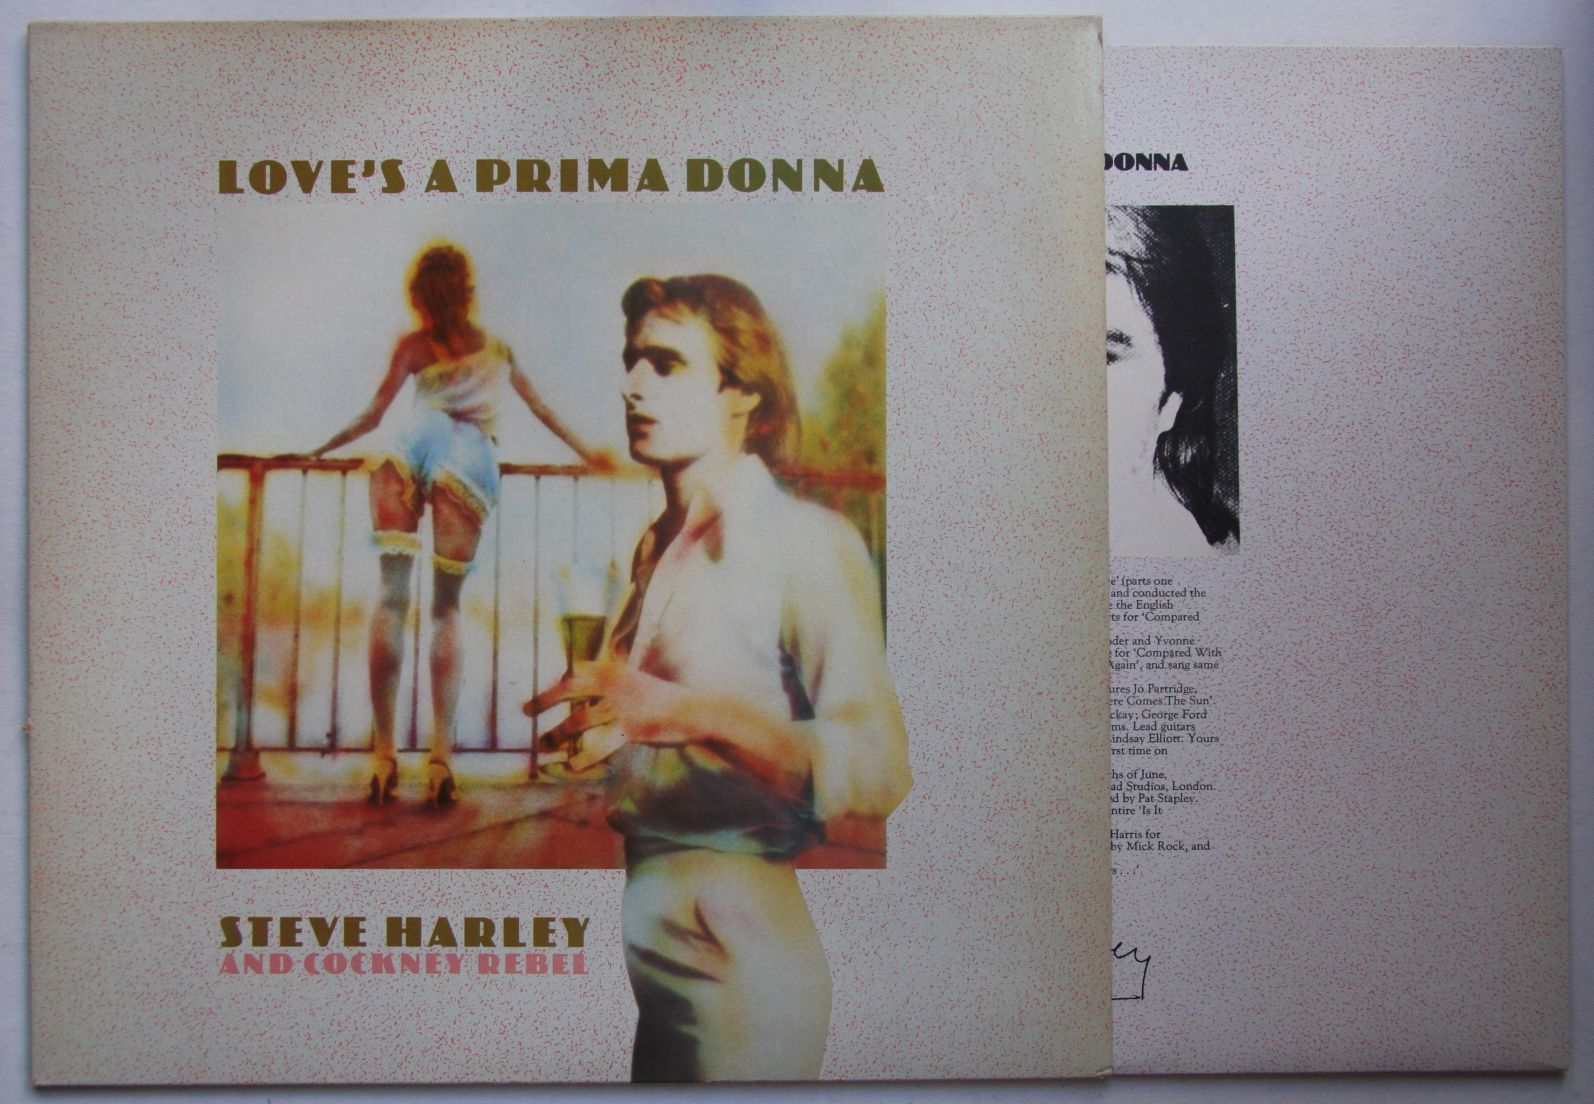 Love's A Prima Donna - Steve Harley